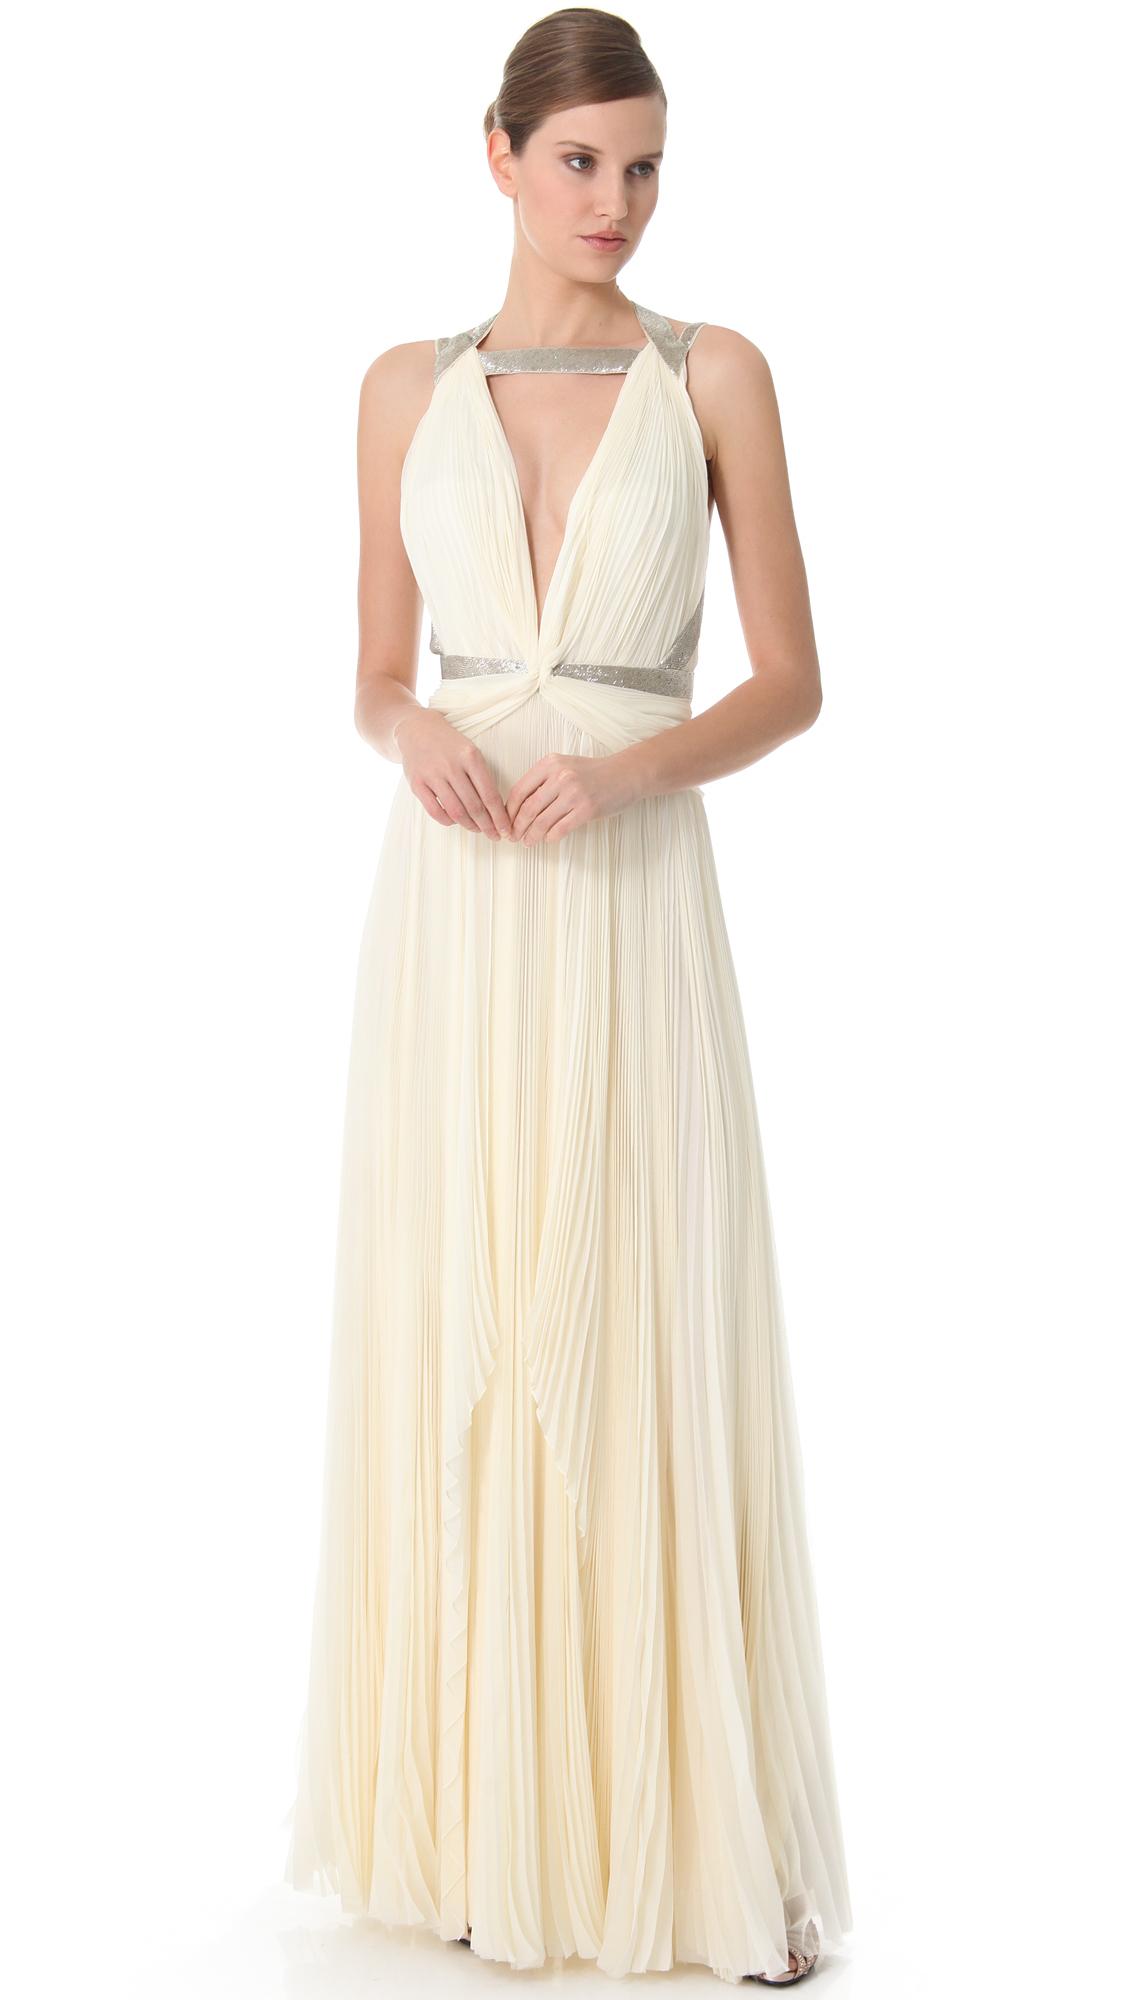 J mendel white dress zipper